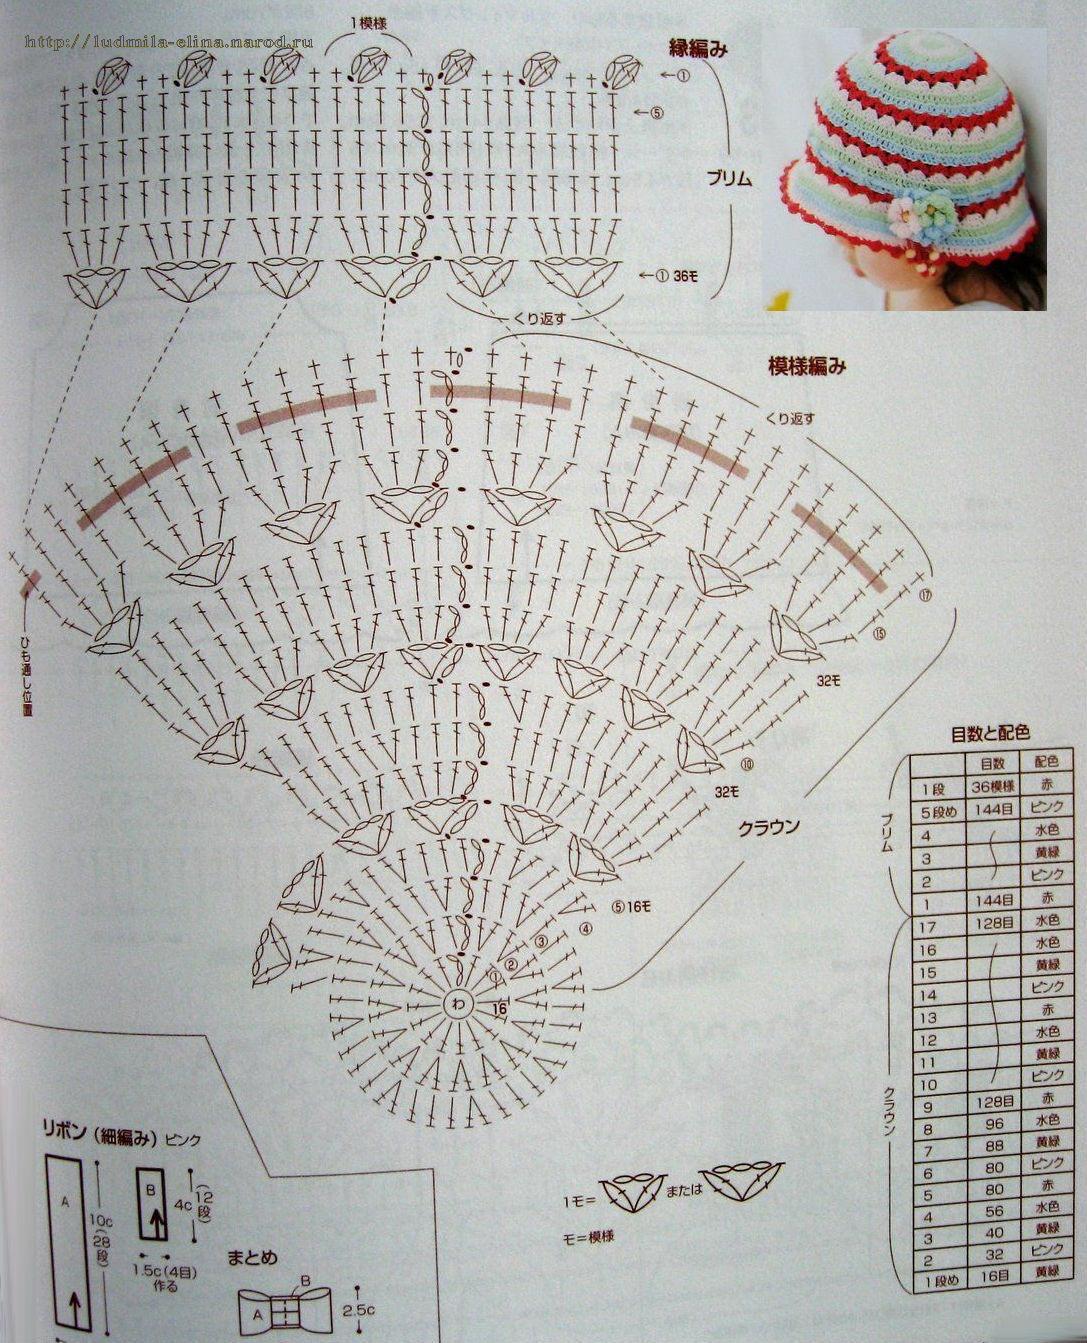 панамка крючком схема